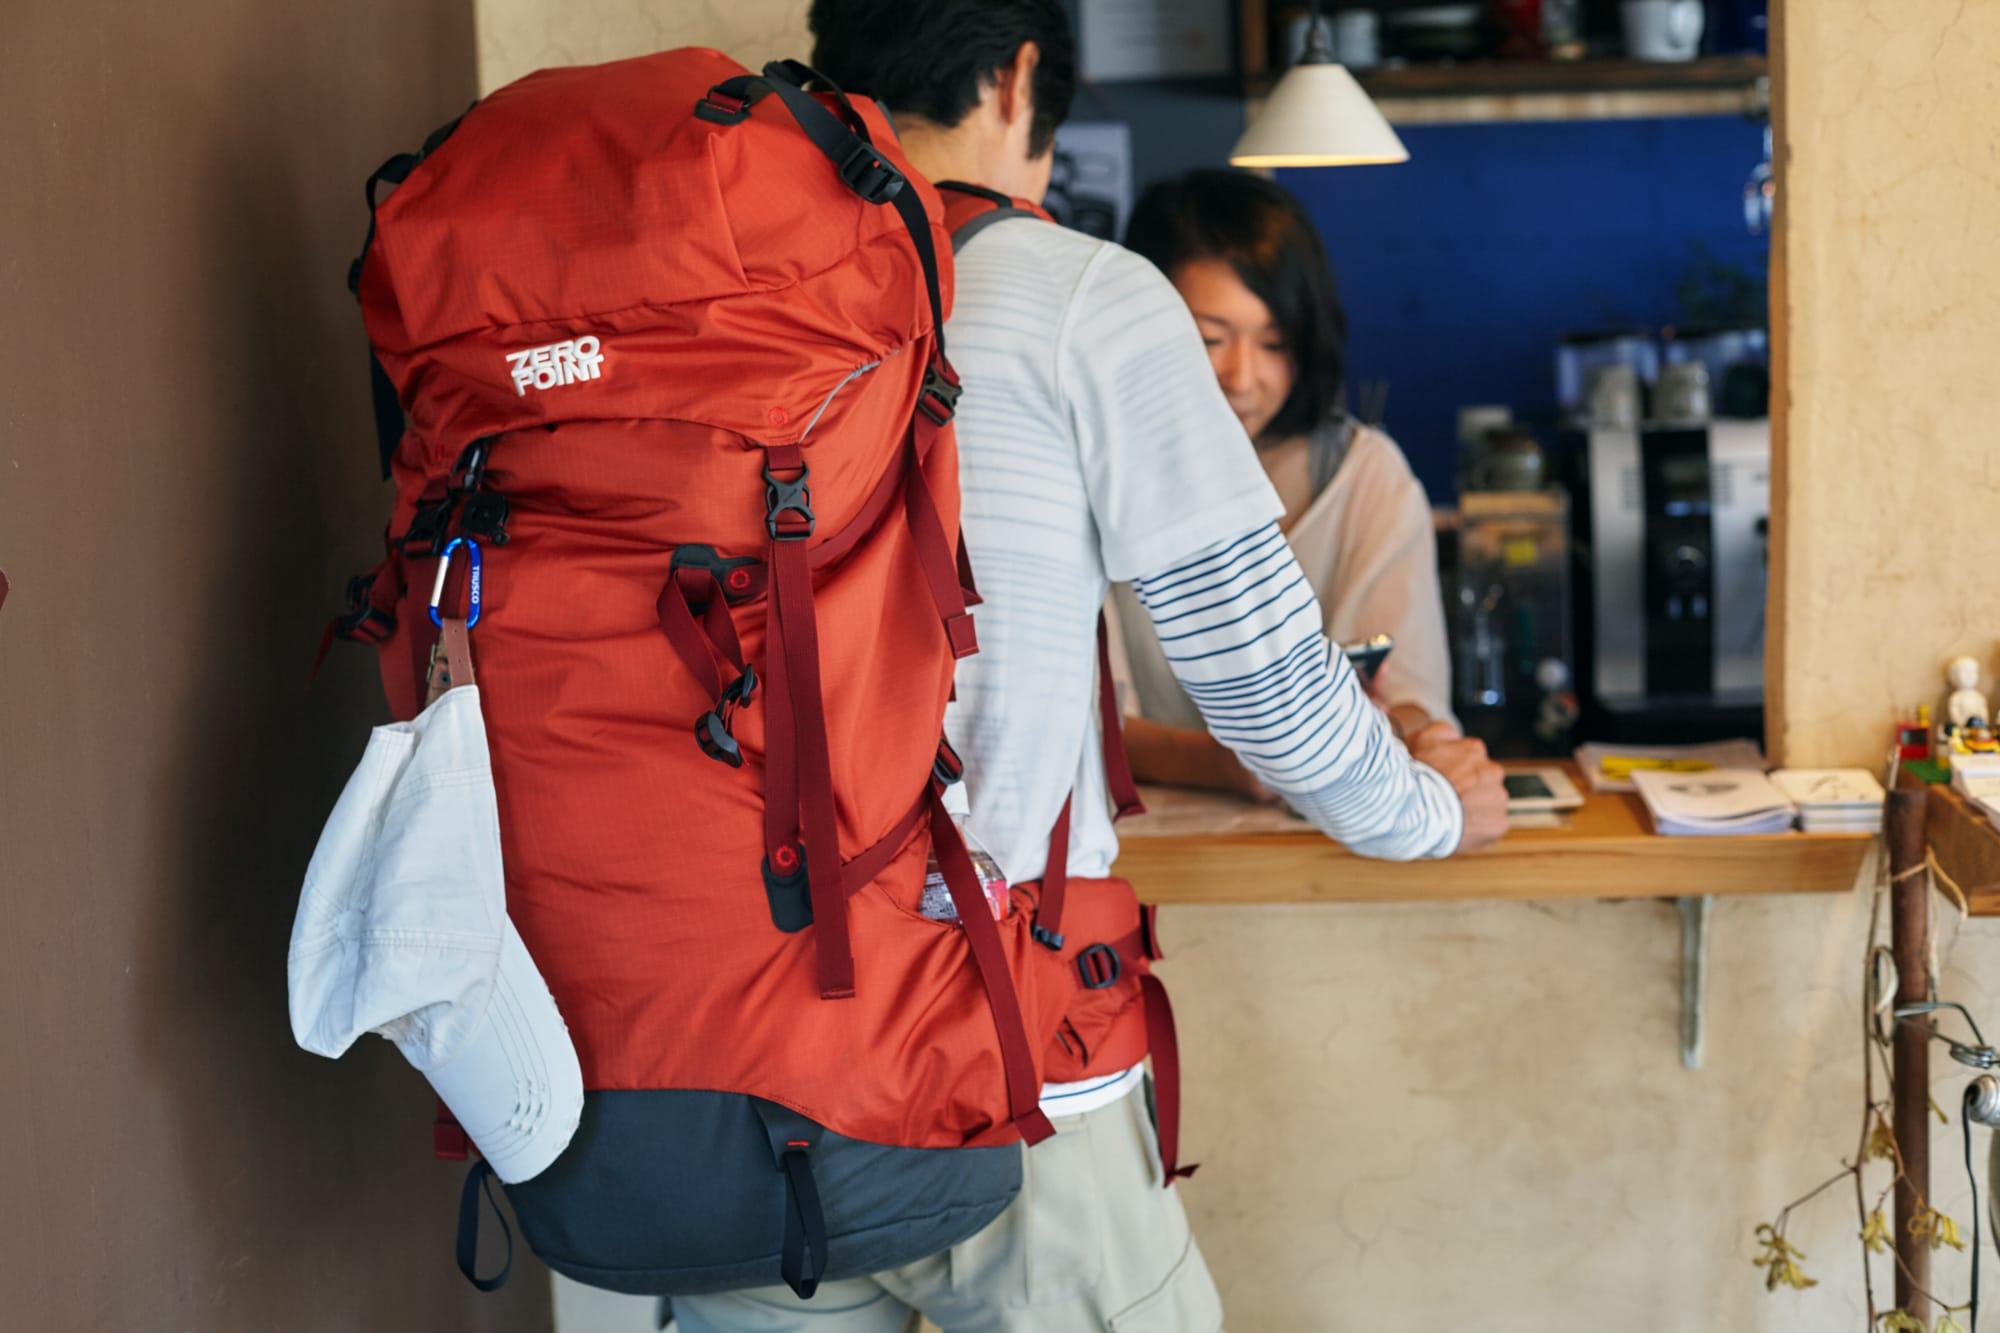 宿泊客の臼杵貴志さん。「鳥取の山と町と人が好きで、30年間神戸から通っています。老後は鳥取に住みたいですね」